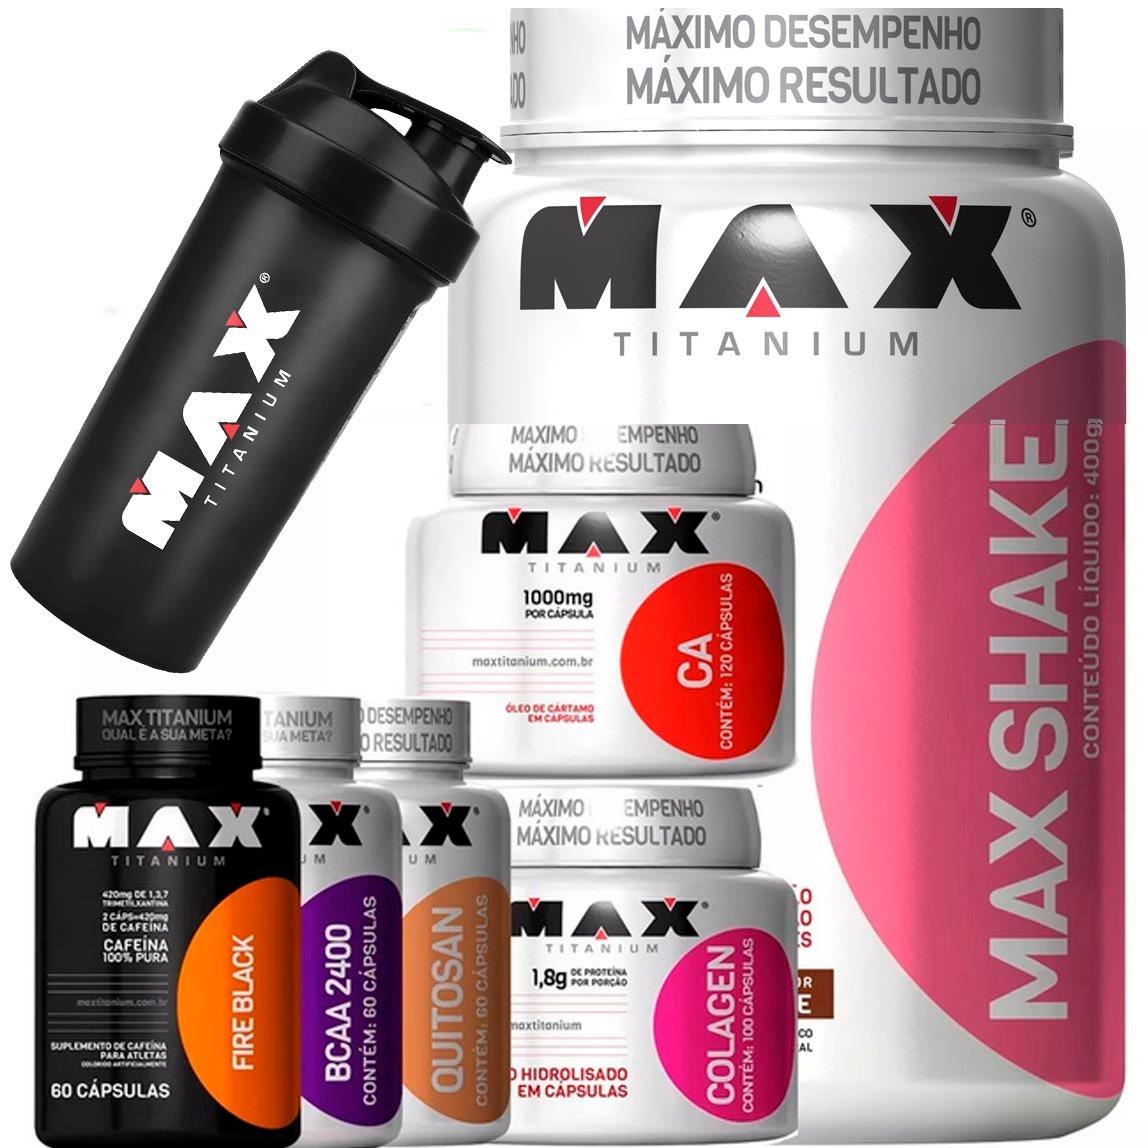 a017fc0e8 kit para emagrecer completo bcaa colageno shake termogenico. Carregando zoom .